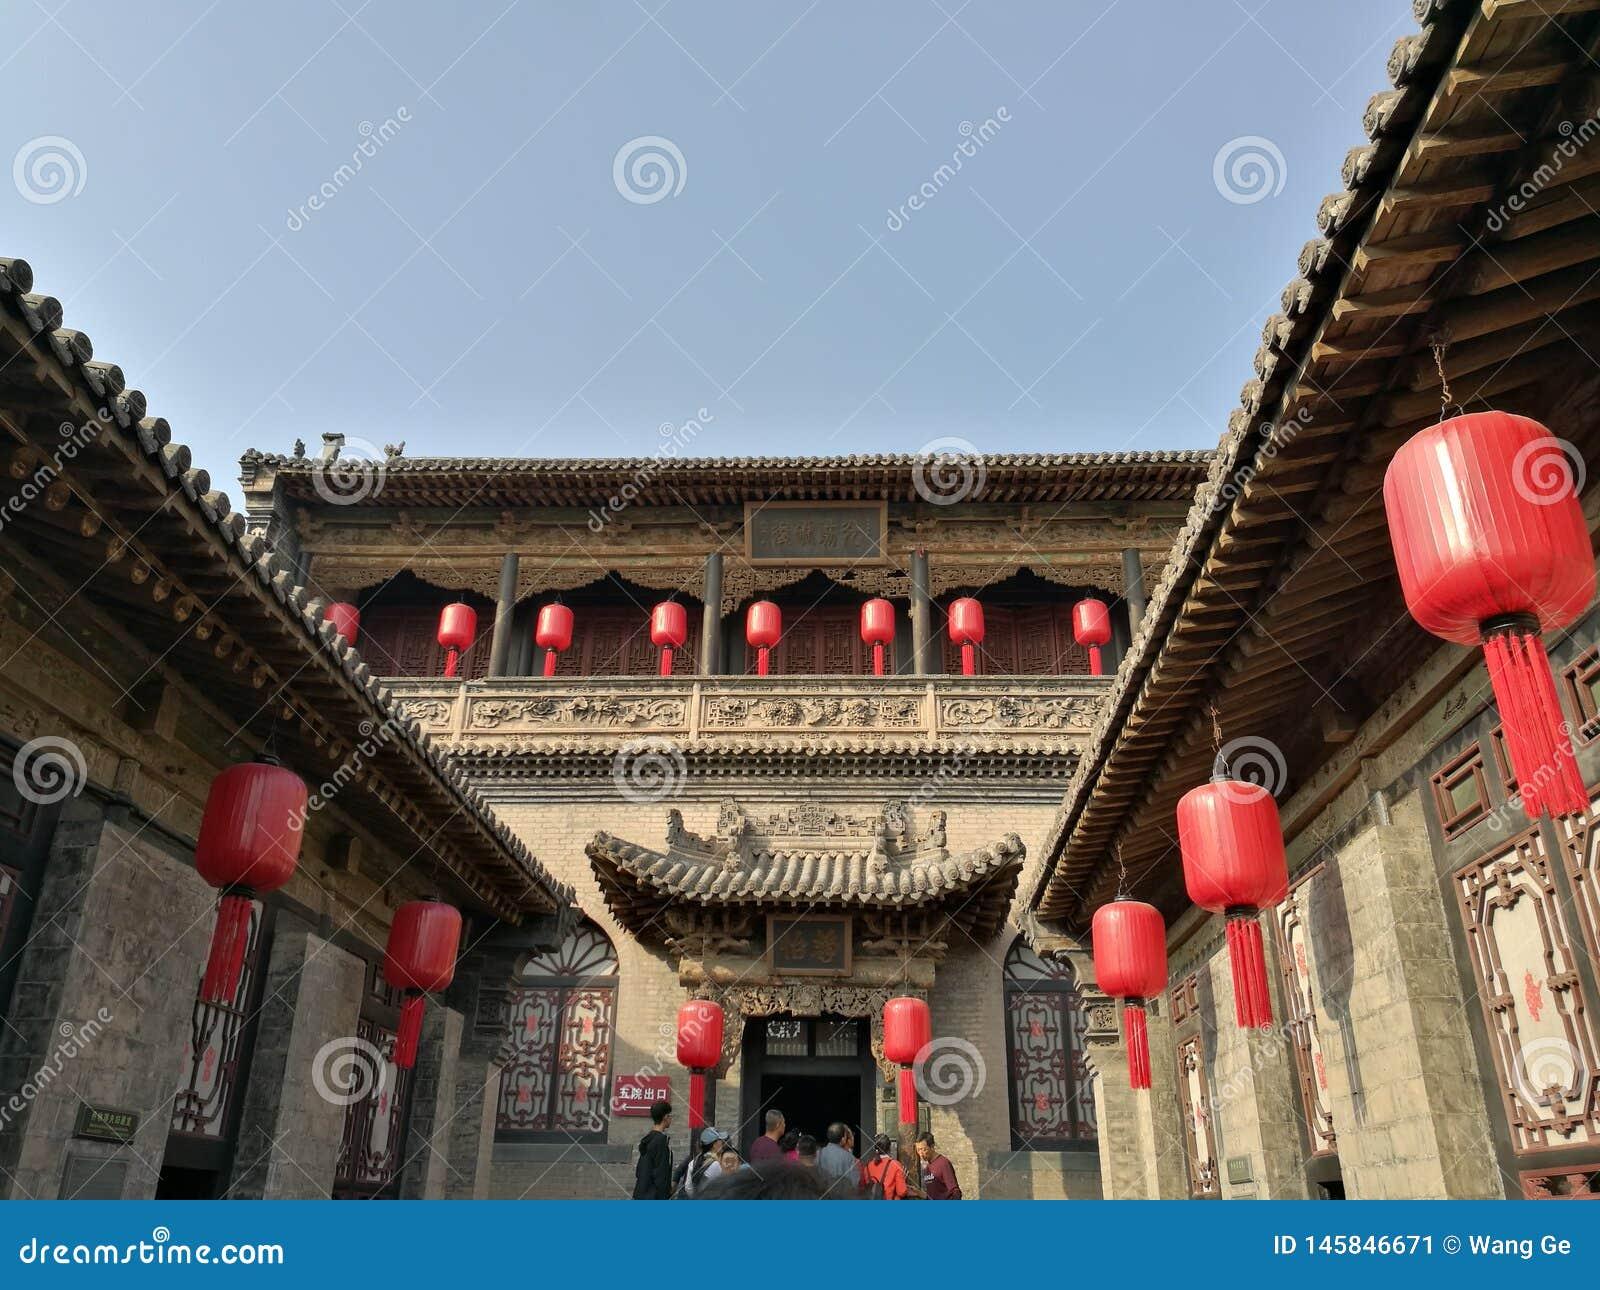 中国的旅游景点,庭院房子在张的庄园